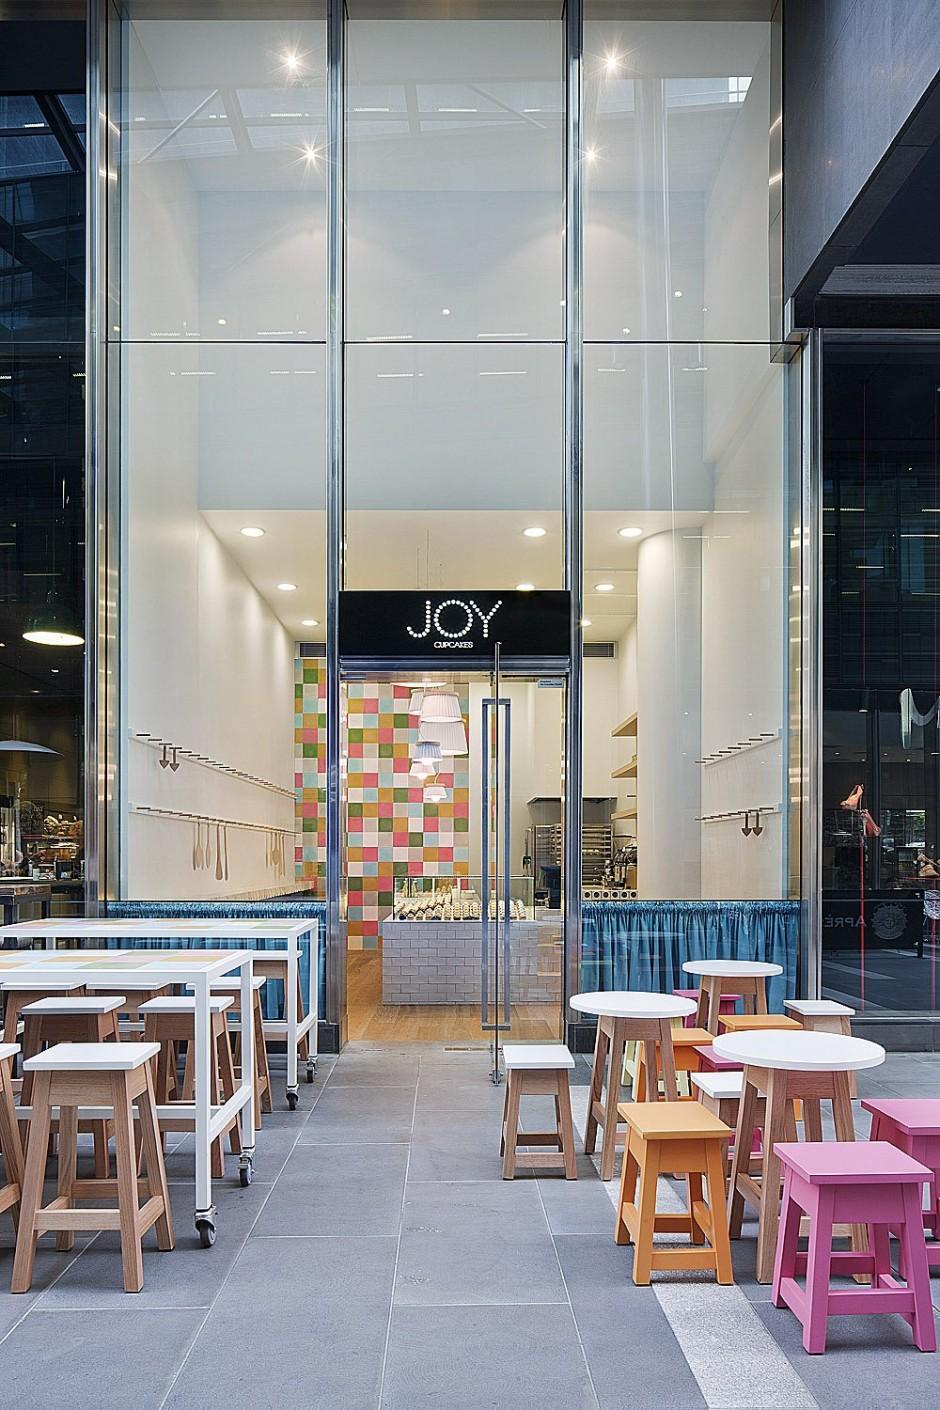 Best Restaurant Interior Design Ideas: Cupcake shop ...